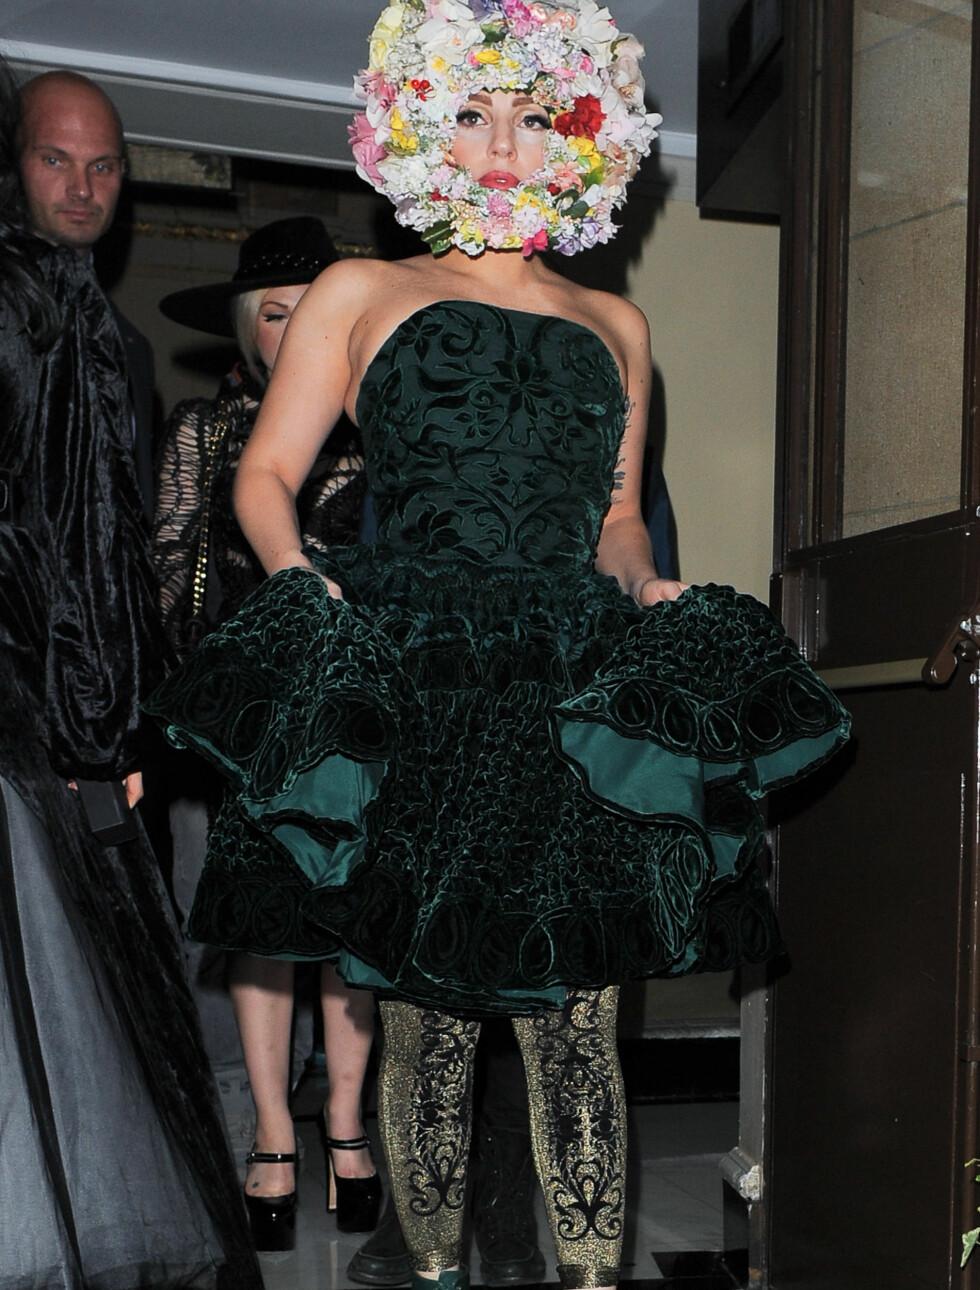 TO ÅRSTIDER: Lady Gaga veiet opp resten av antrekkets vinterlige farger og materialer med et svært så vårlig hodeplagg.    Foto: All Over Press